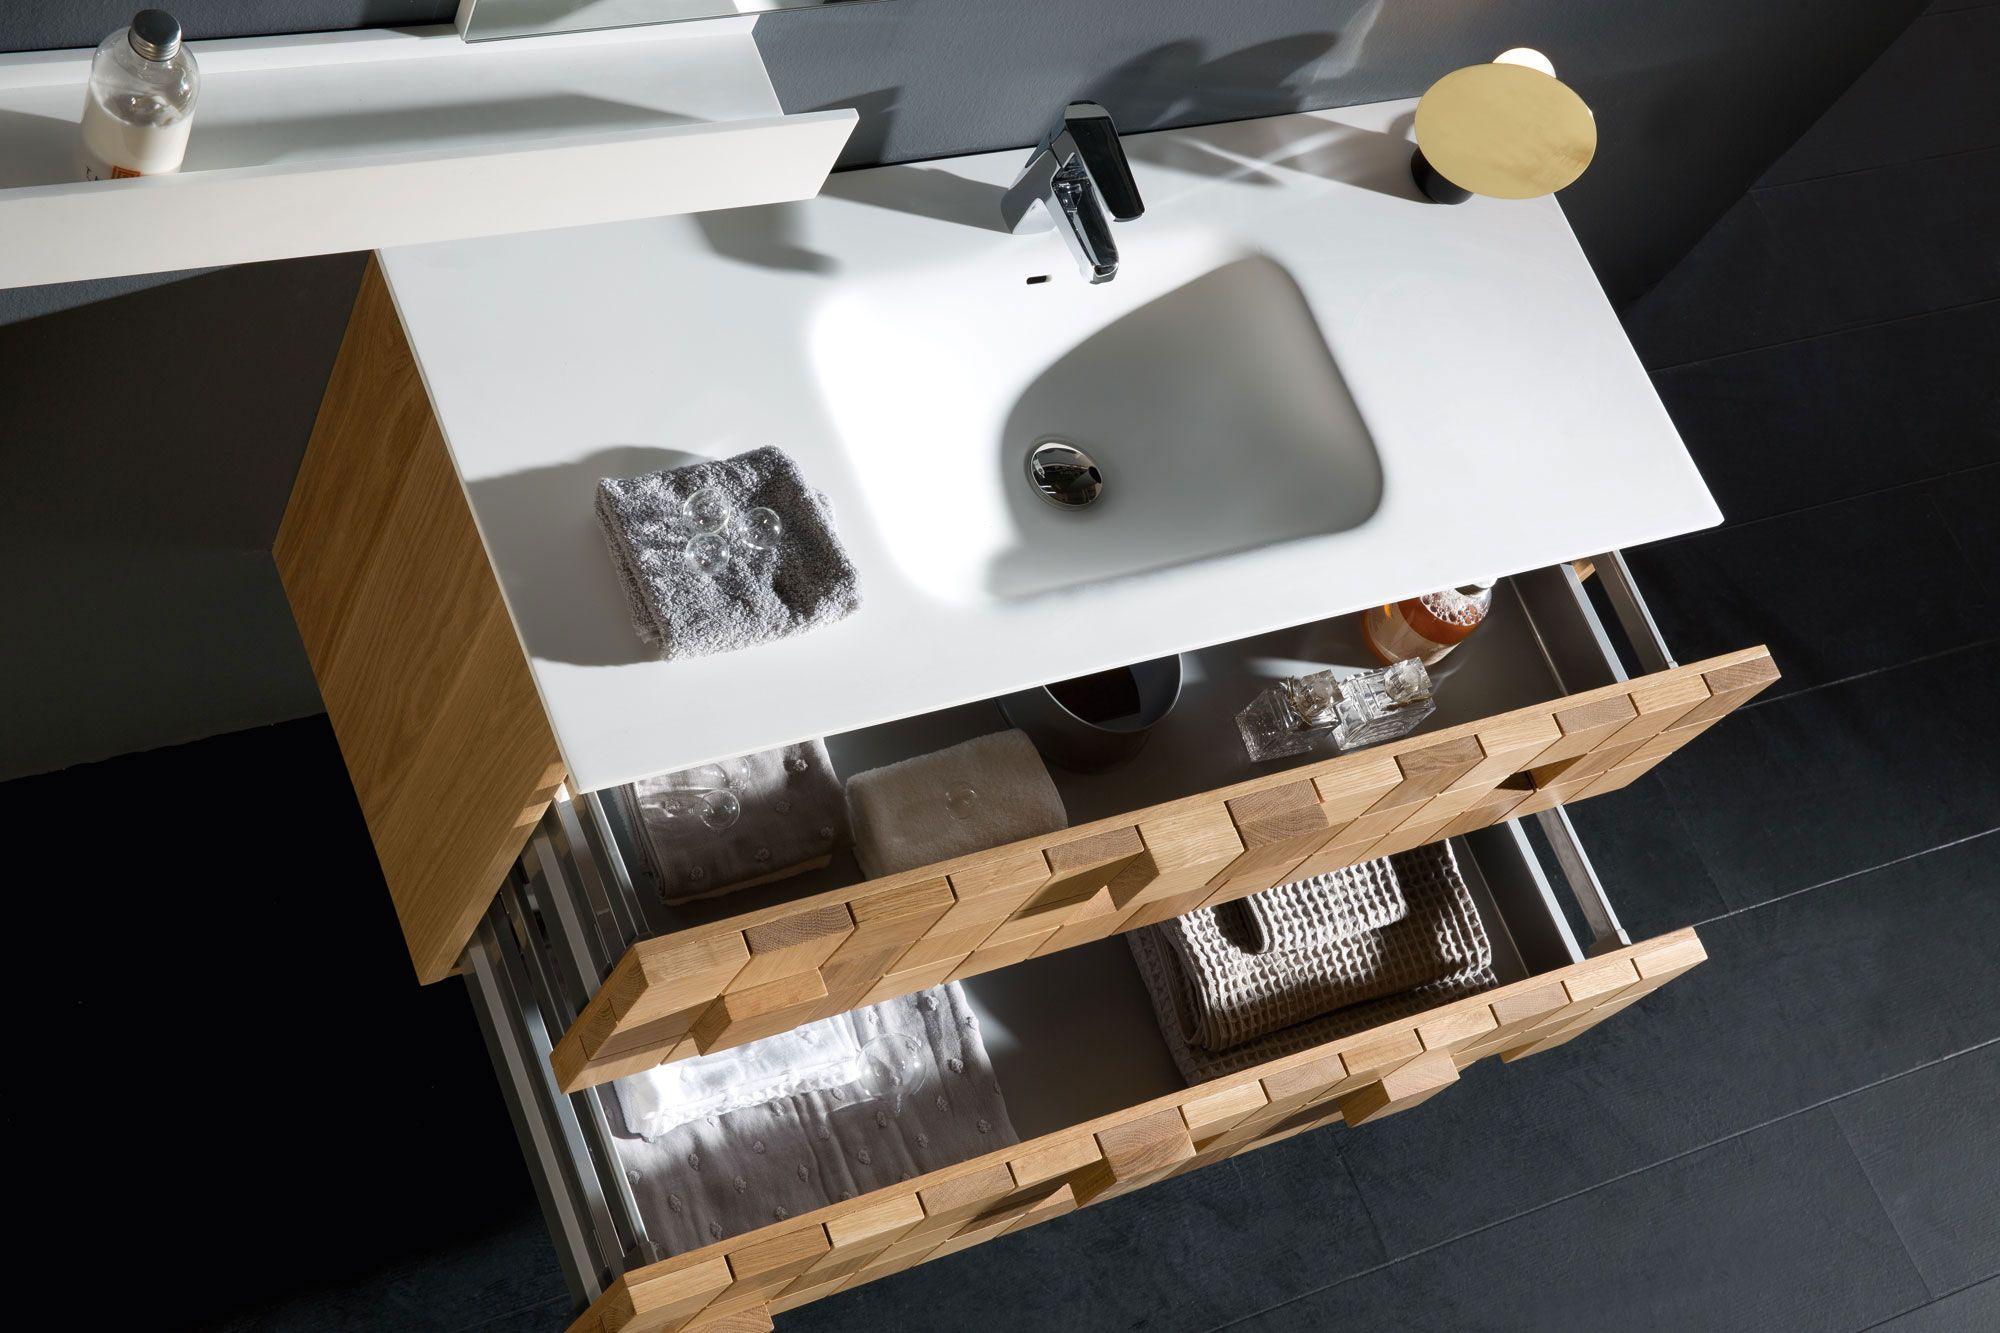 Ventajas de los muebles de baño suspendidos